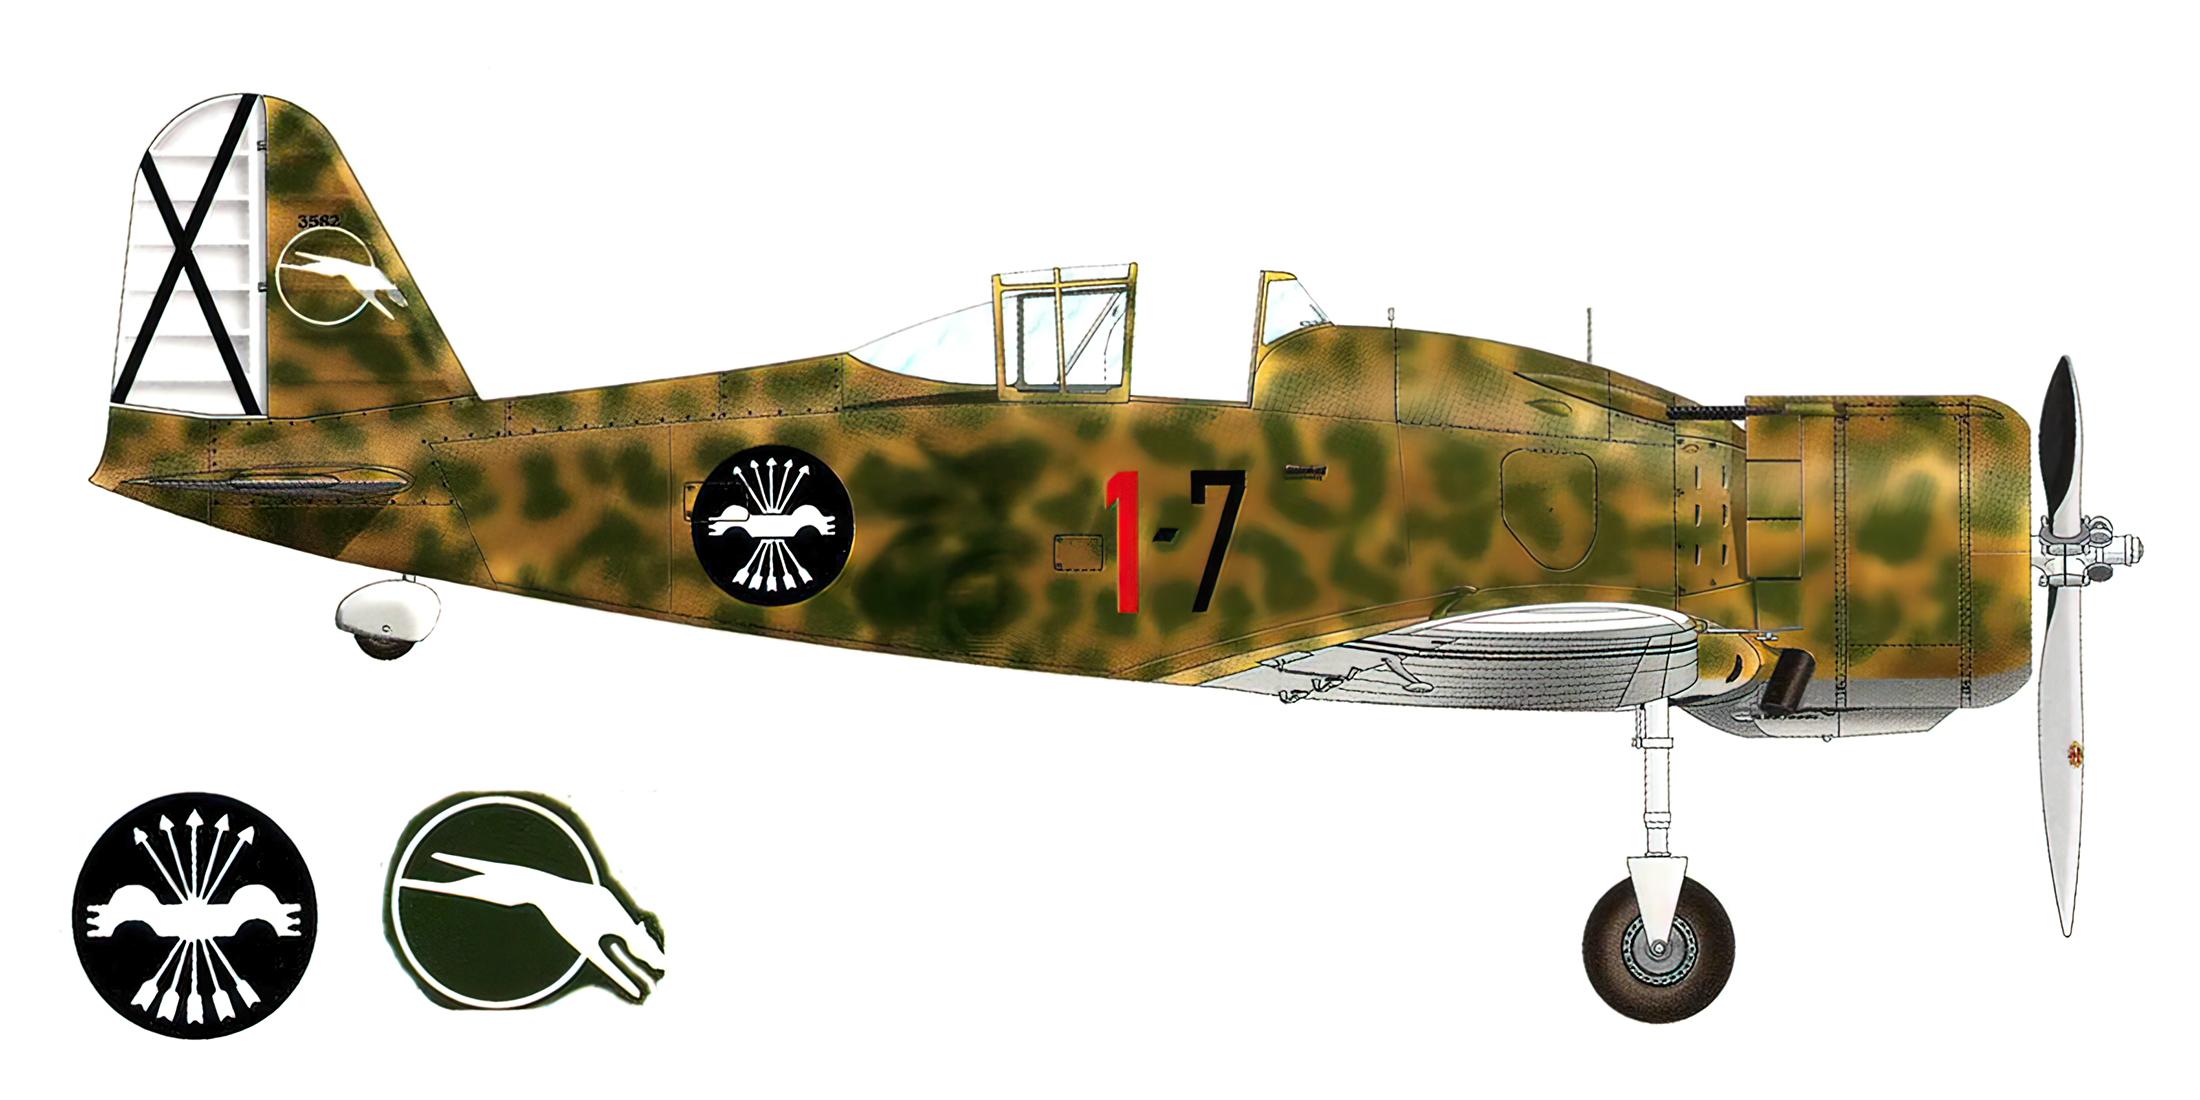 Fiat G50 Freccia Aviacion Nacional 27 Gruppo de Caza 7 MM3582 Sevilla Tablada Spain Jun 1939 0A